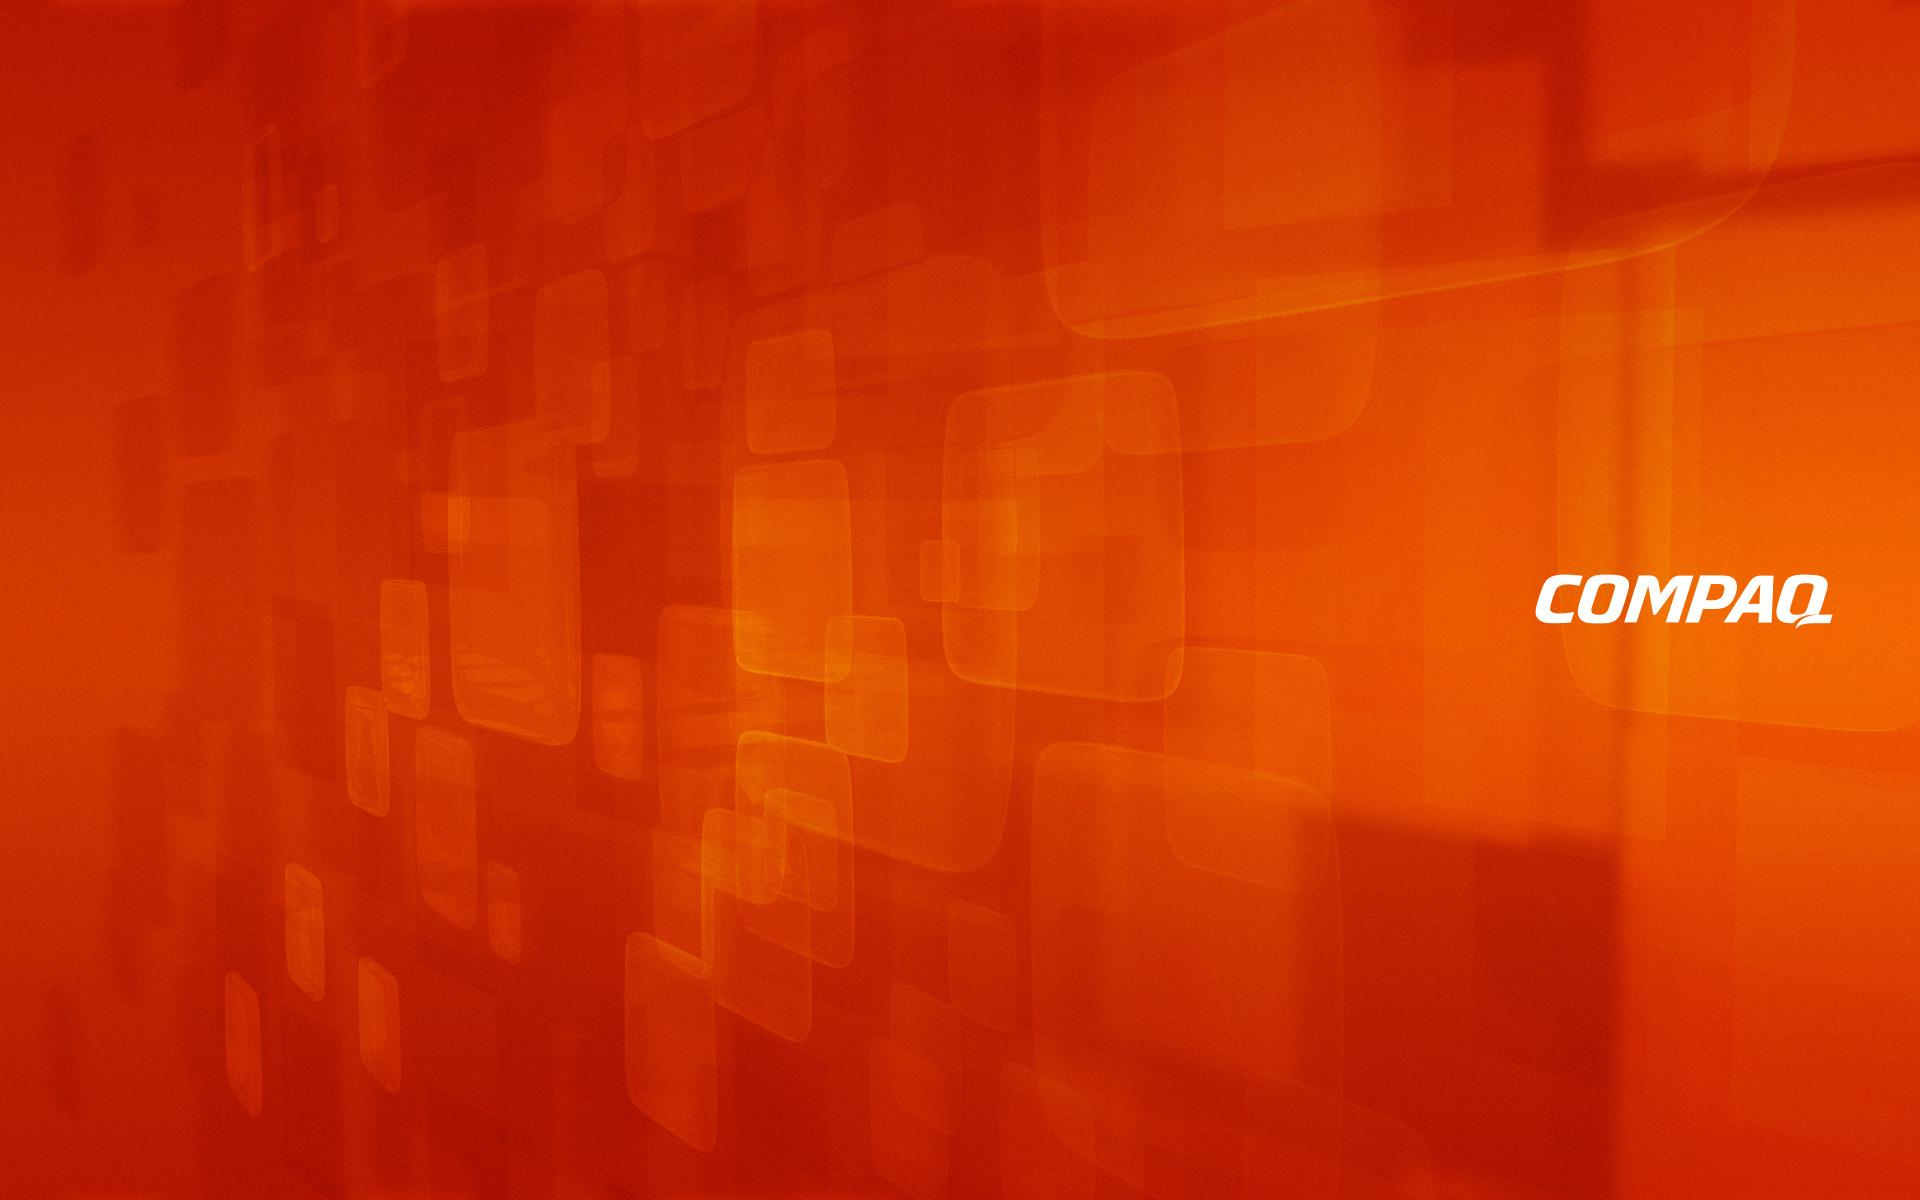 compaq wallpaper 27018